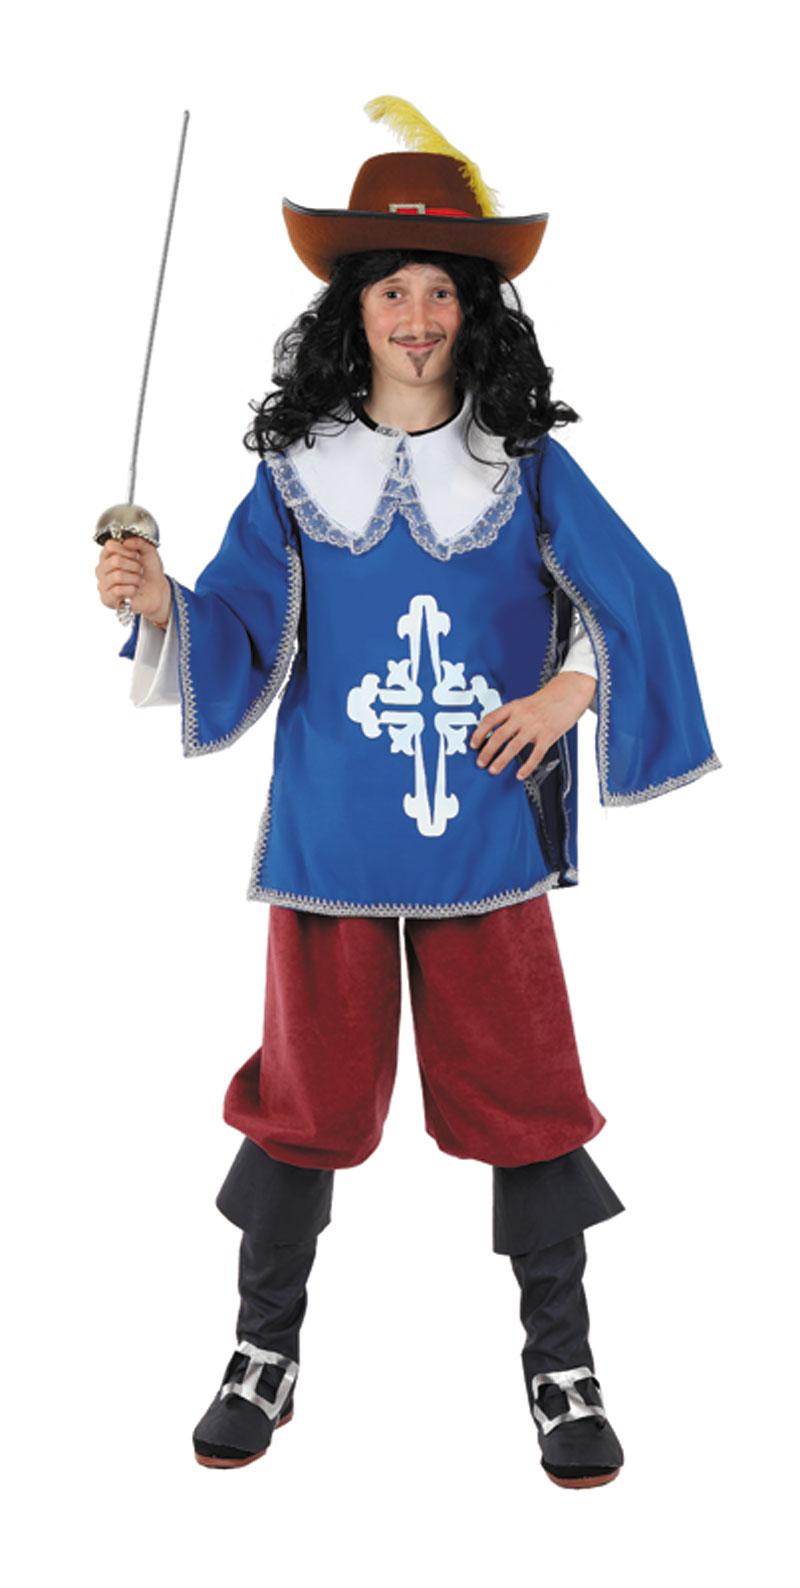 disfraz de mosquetero para nino infantil 7 a 9 anos fy1311 - Día internacional de los Mosqueteros